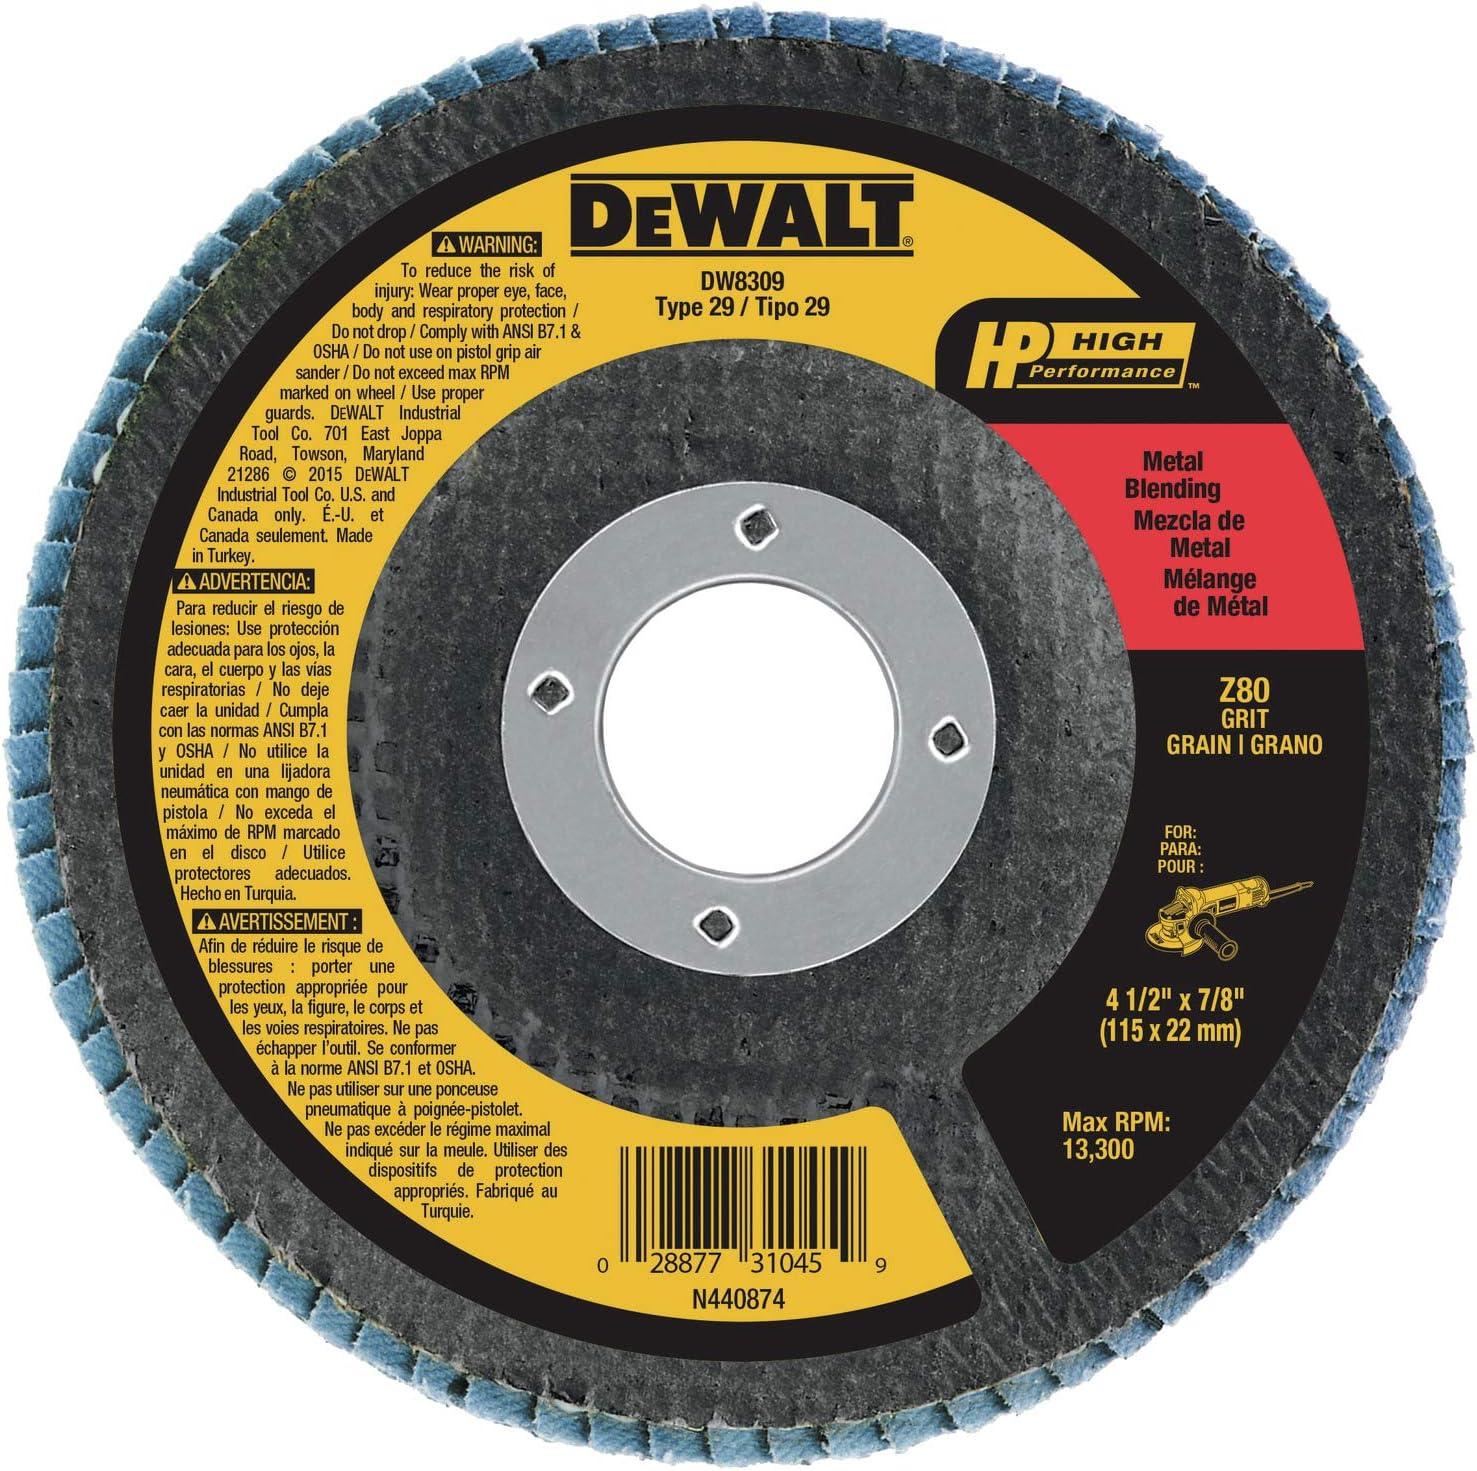 DEWALT Flap Disc, Zirconia, 4-1/2-Inch x 7/8-Inch, 80-Grit (DW8309) - Abrasive Cutoff Wheels -